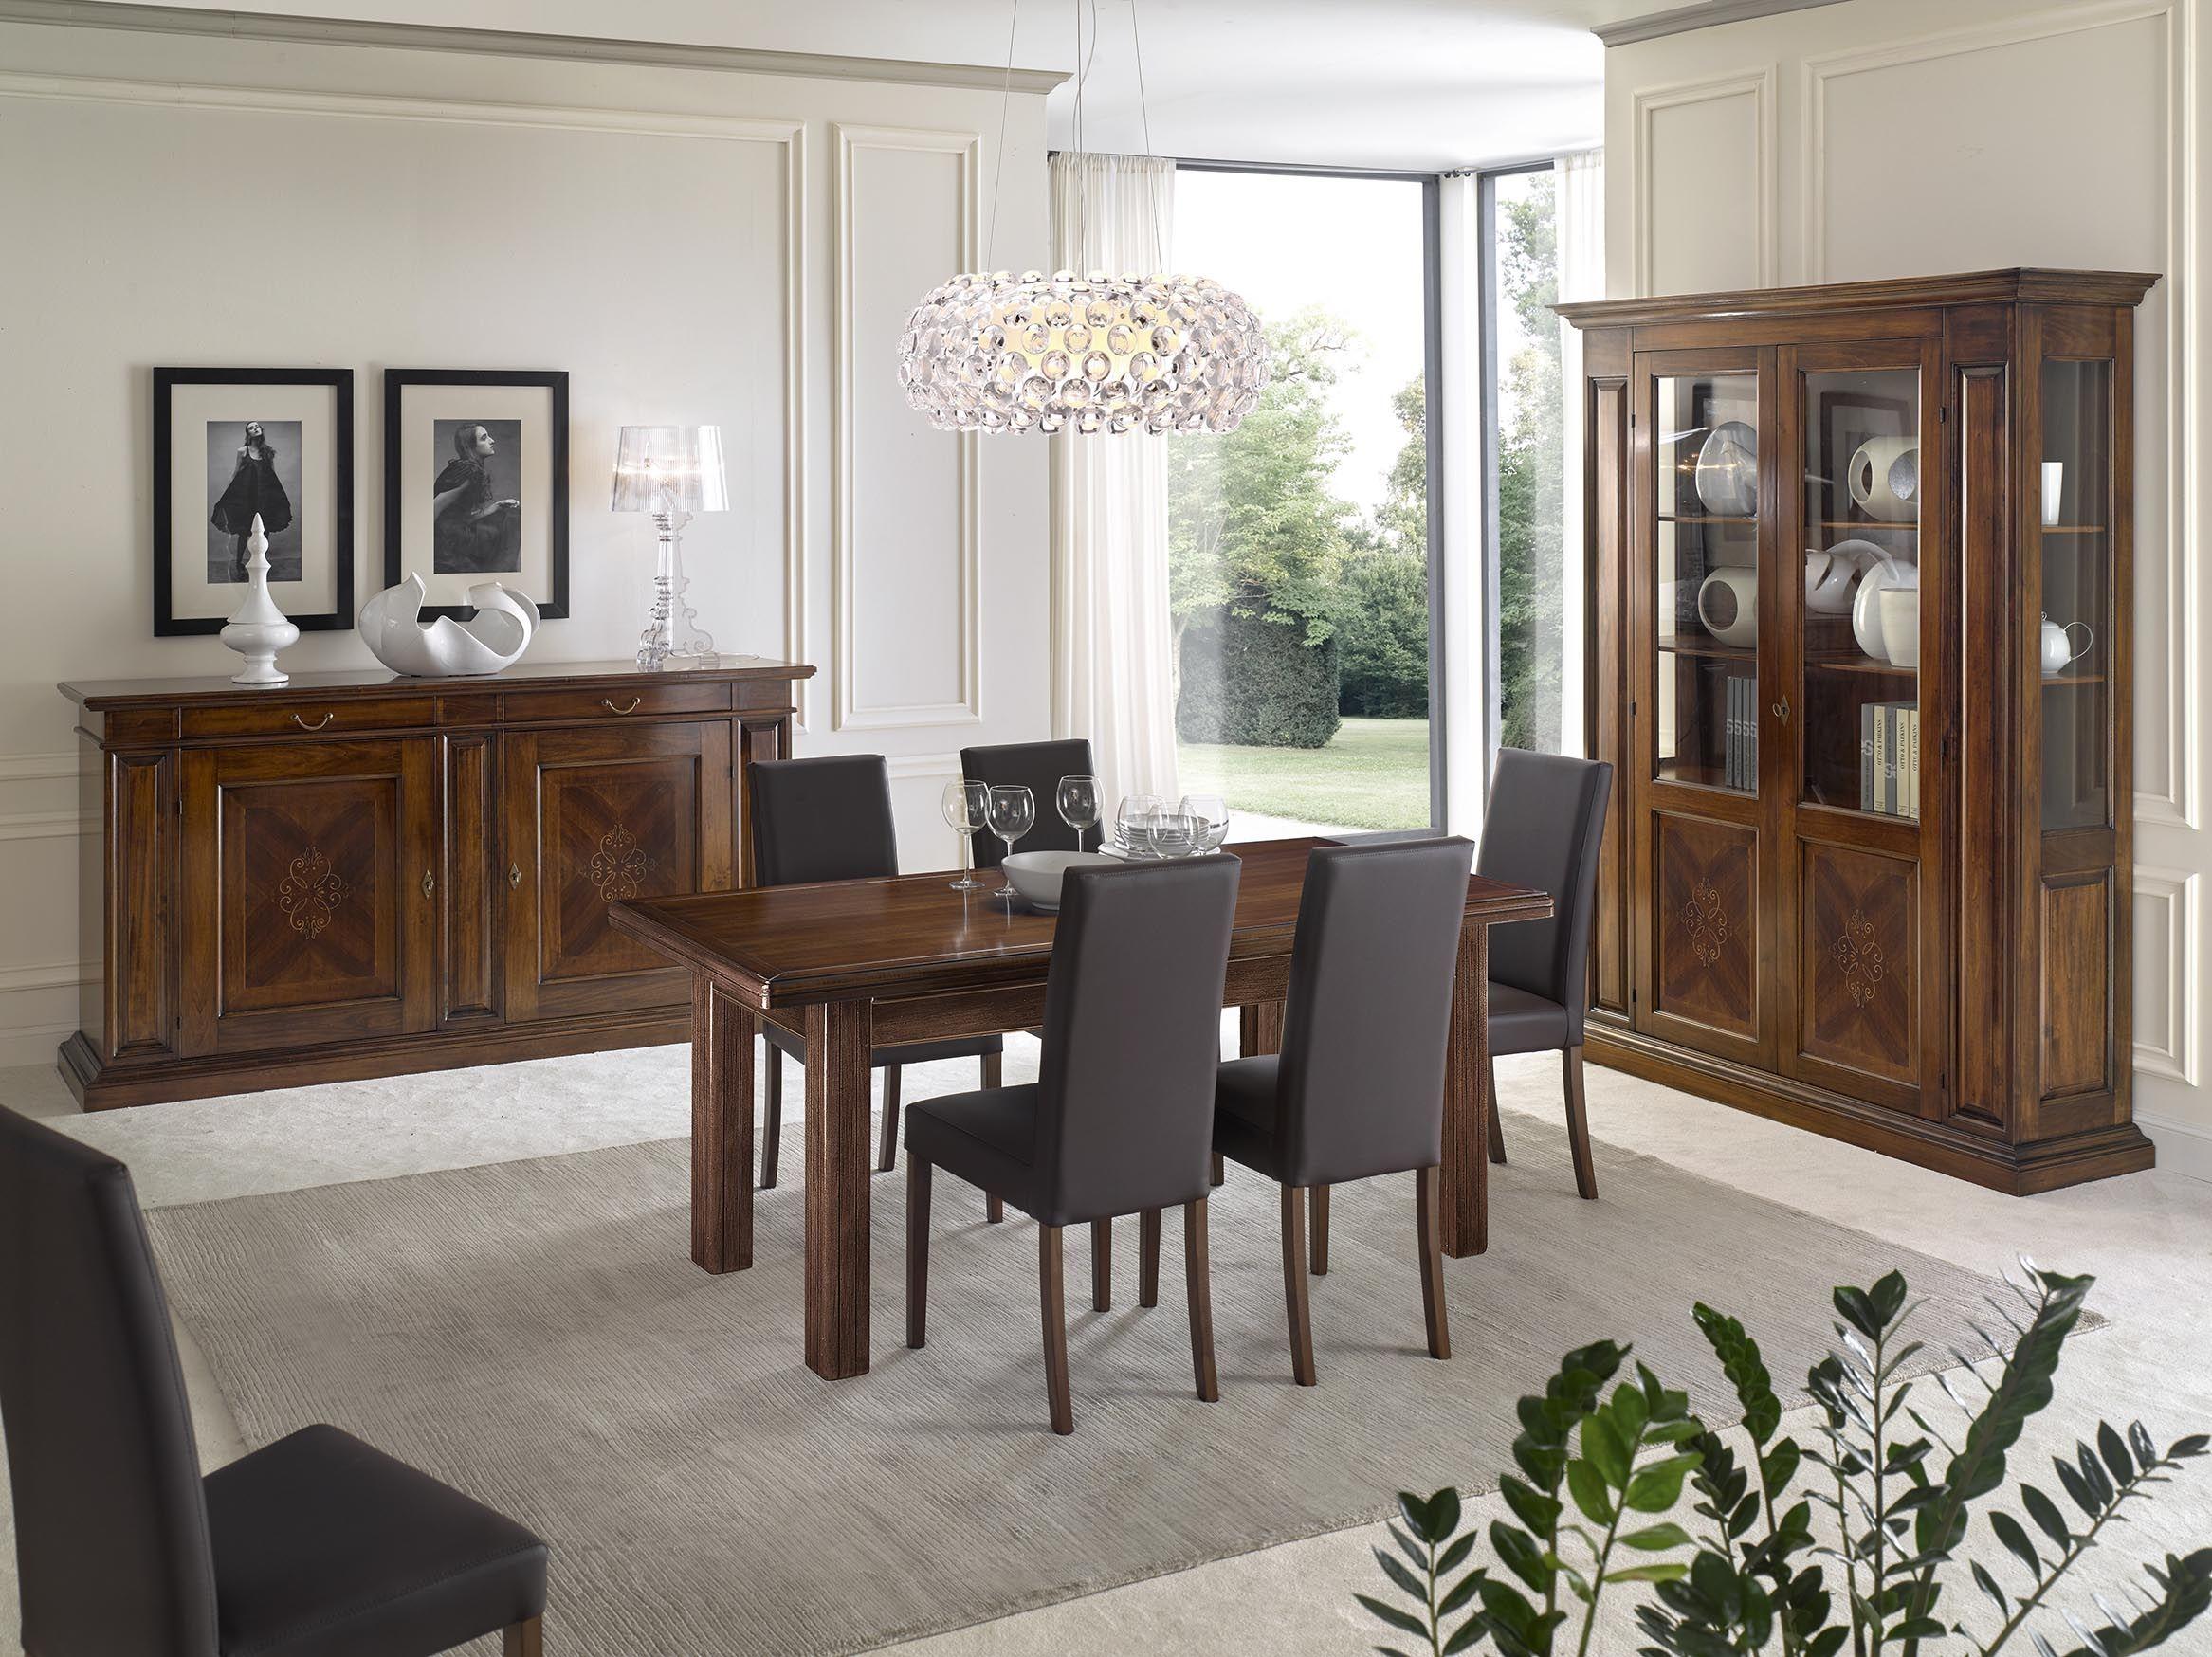 Credenza Per Salone : Risultati immagini per mobili legno salone credenza libreria